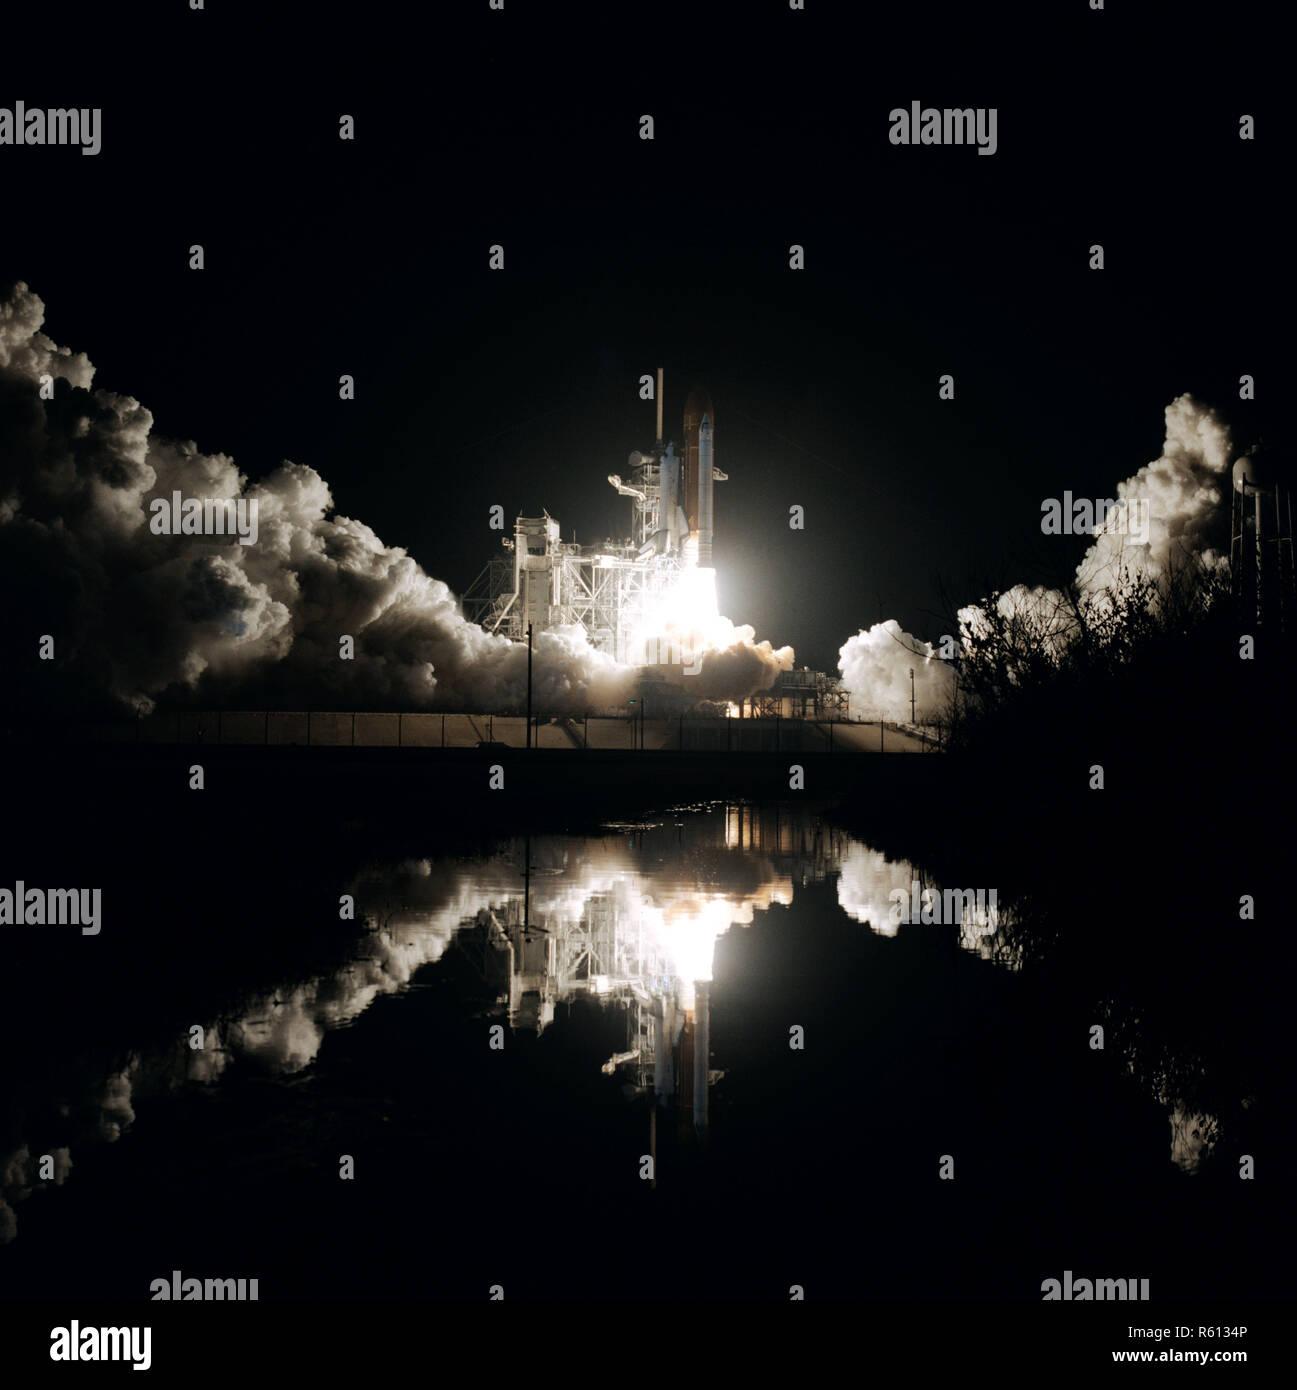 Lancement de la navette spatiale Columbia STS-61-C mission.jpg - R Logiciel libre P Banque D'Images